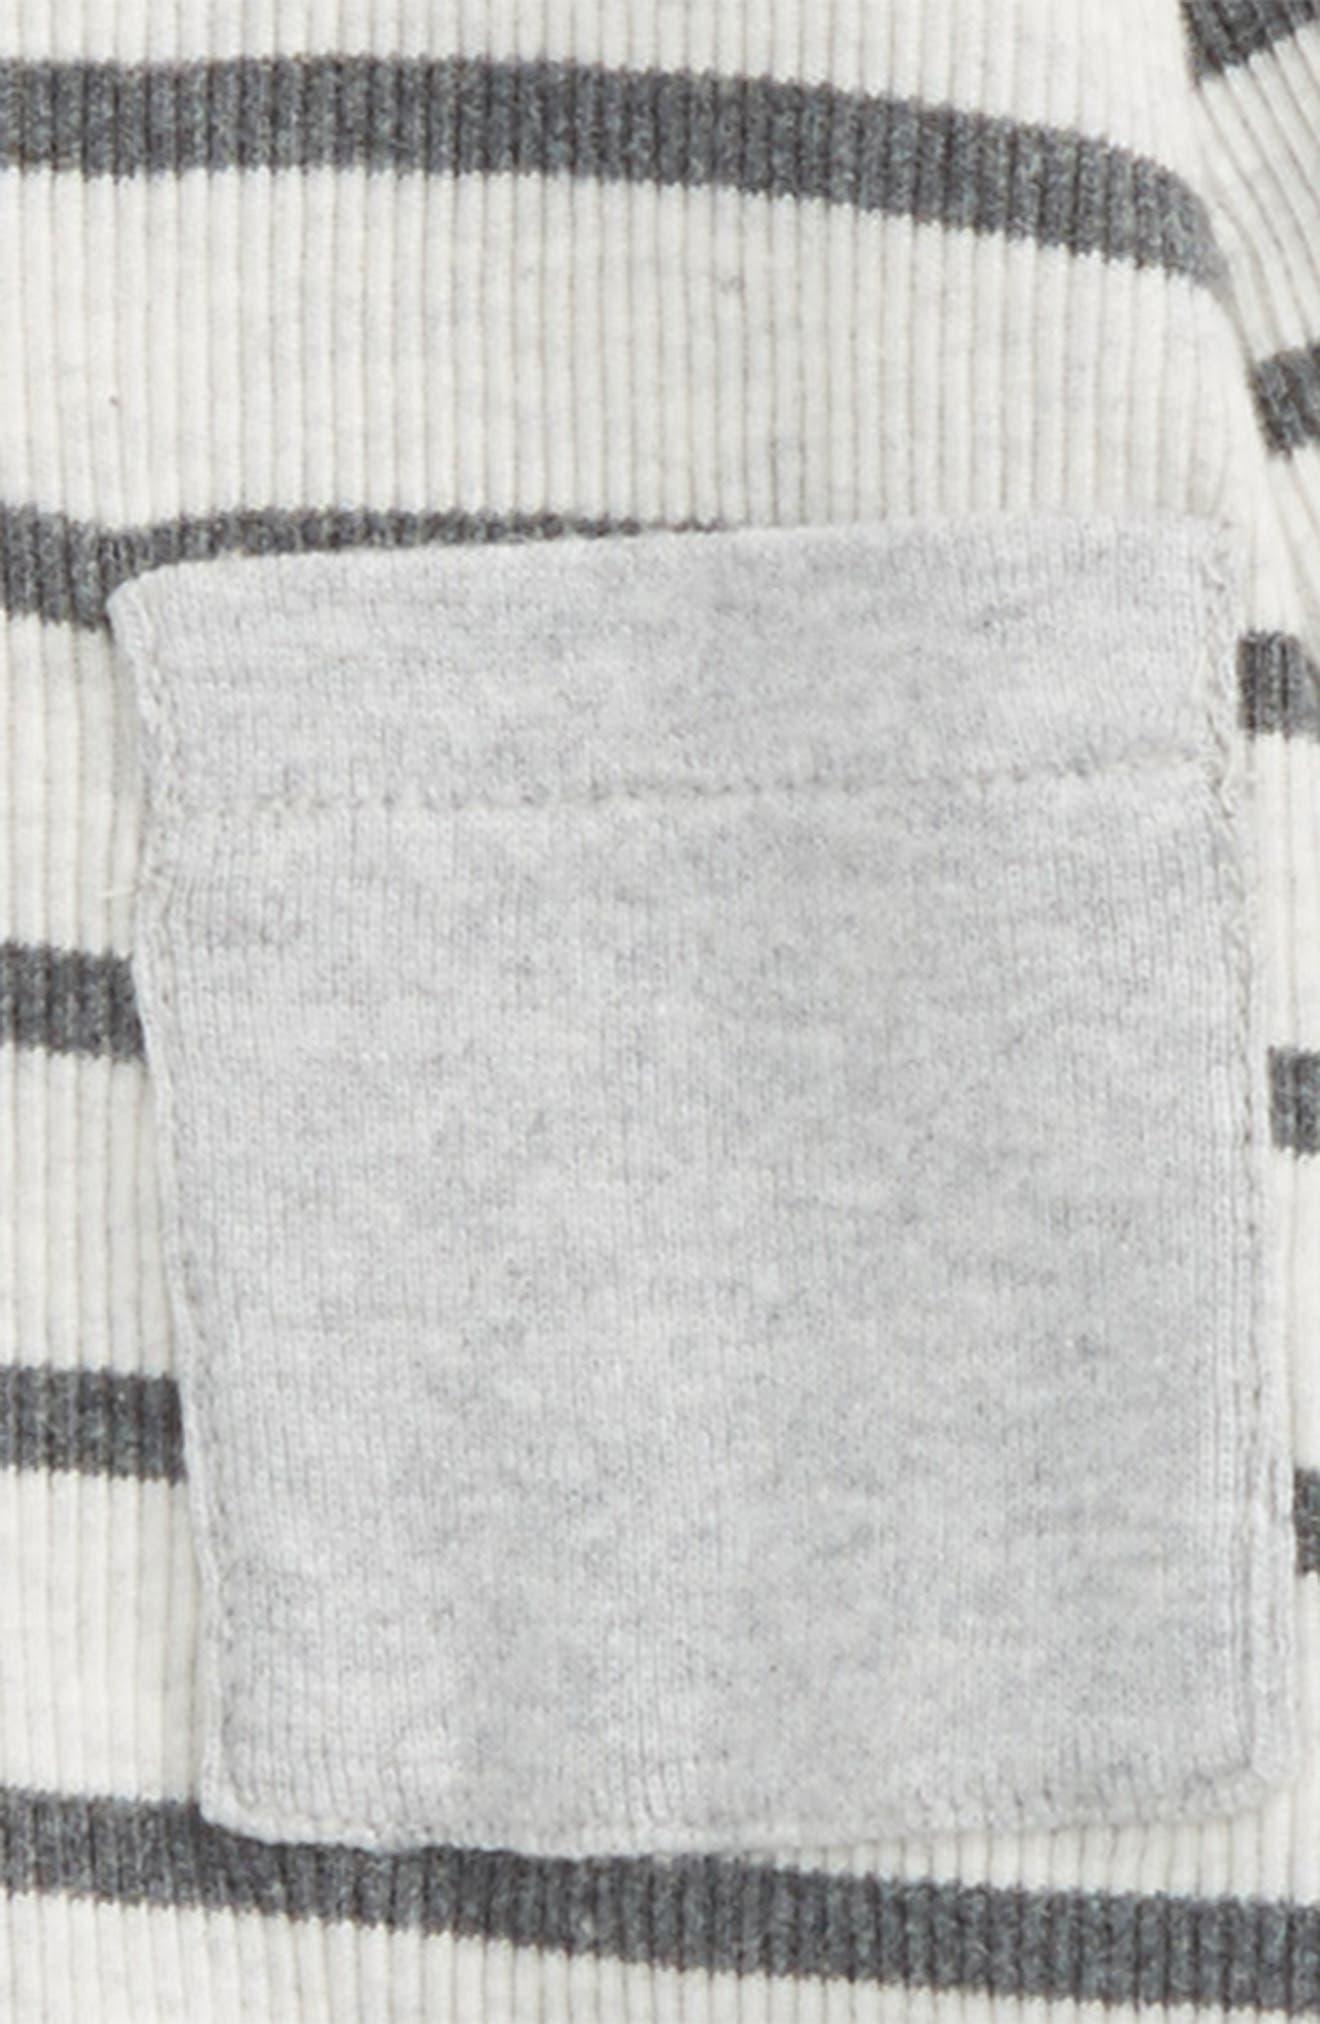 Stripe Dress & Leggings Set,                             Alternate thumbnail 2, color,                             Ivory Egret - Grey Stripe